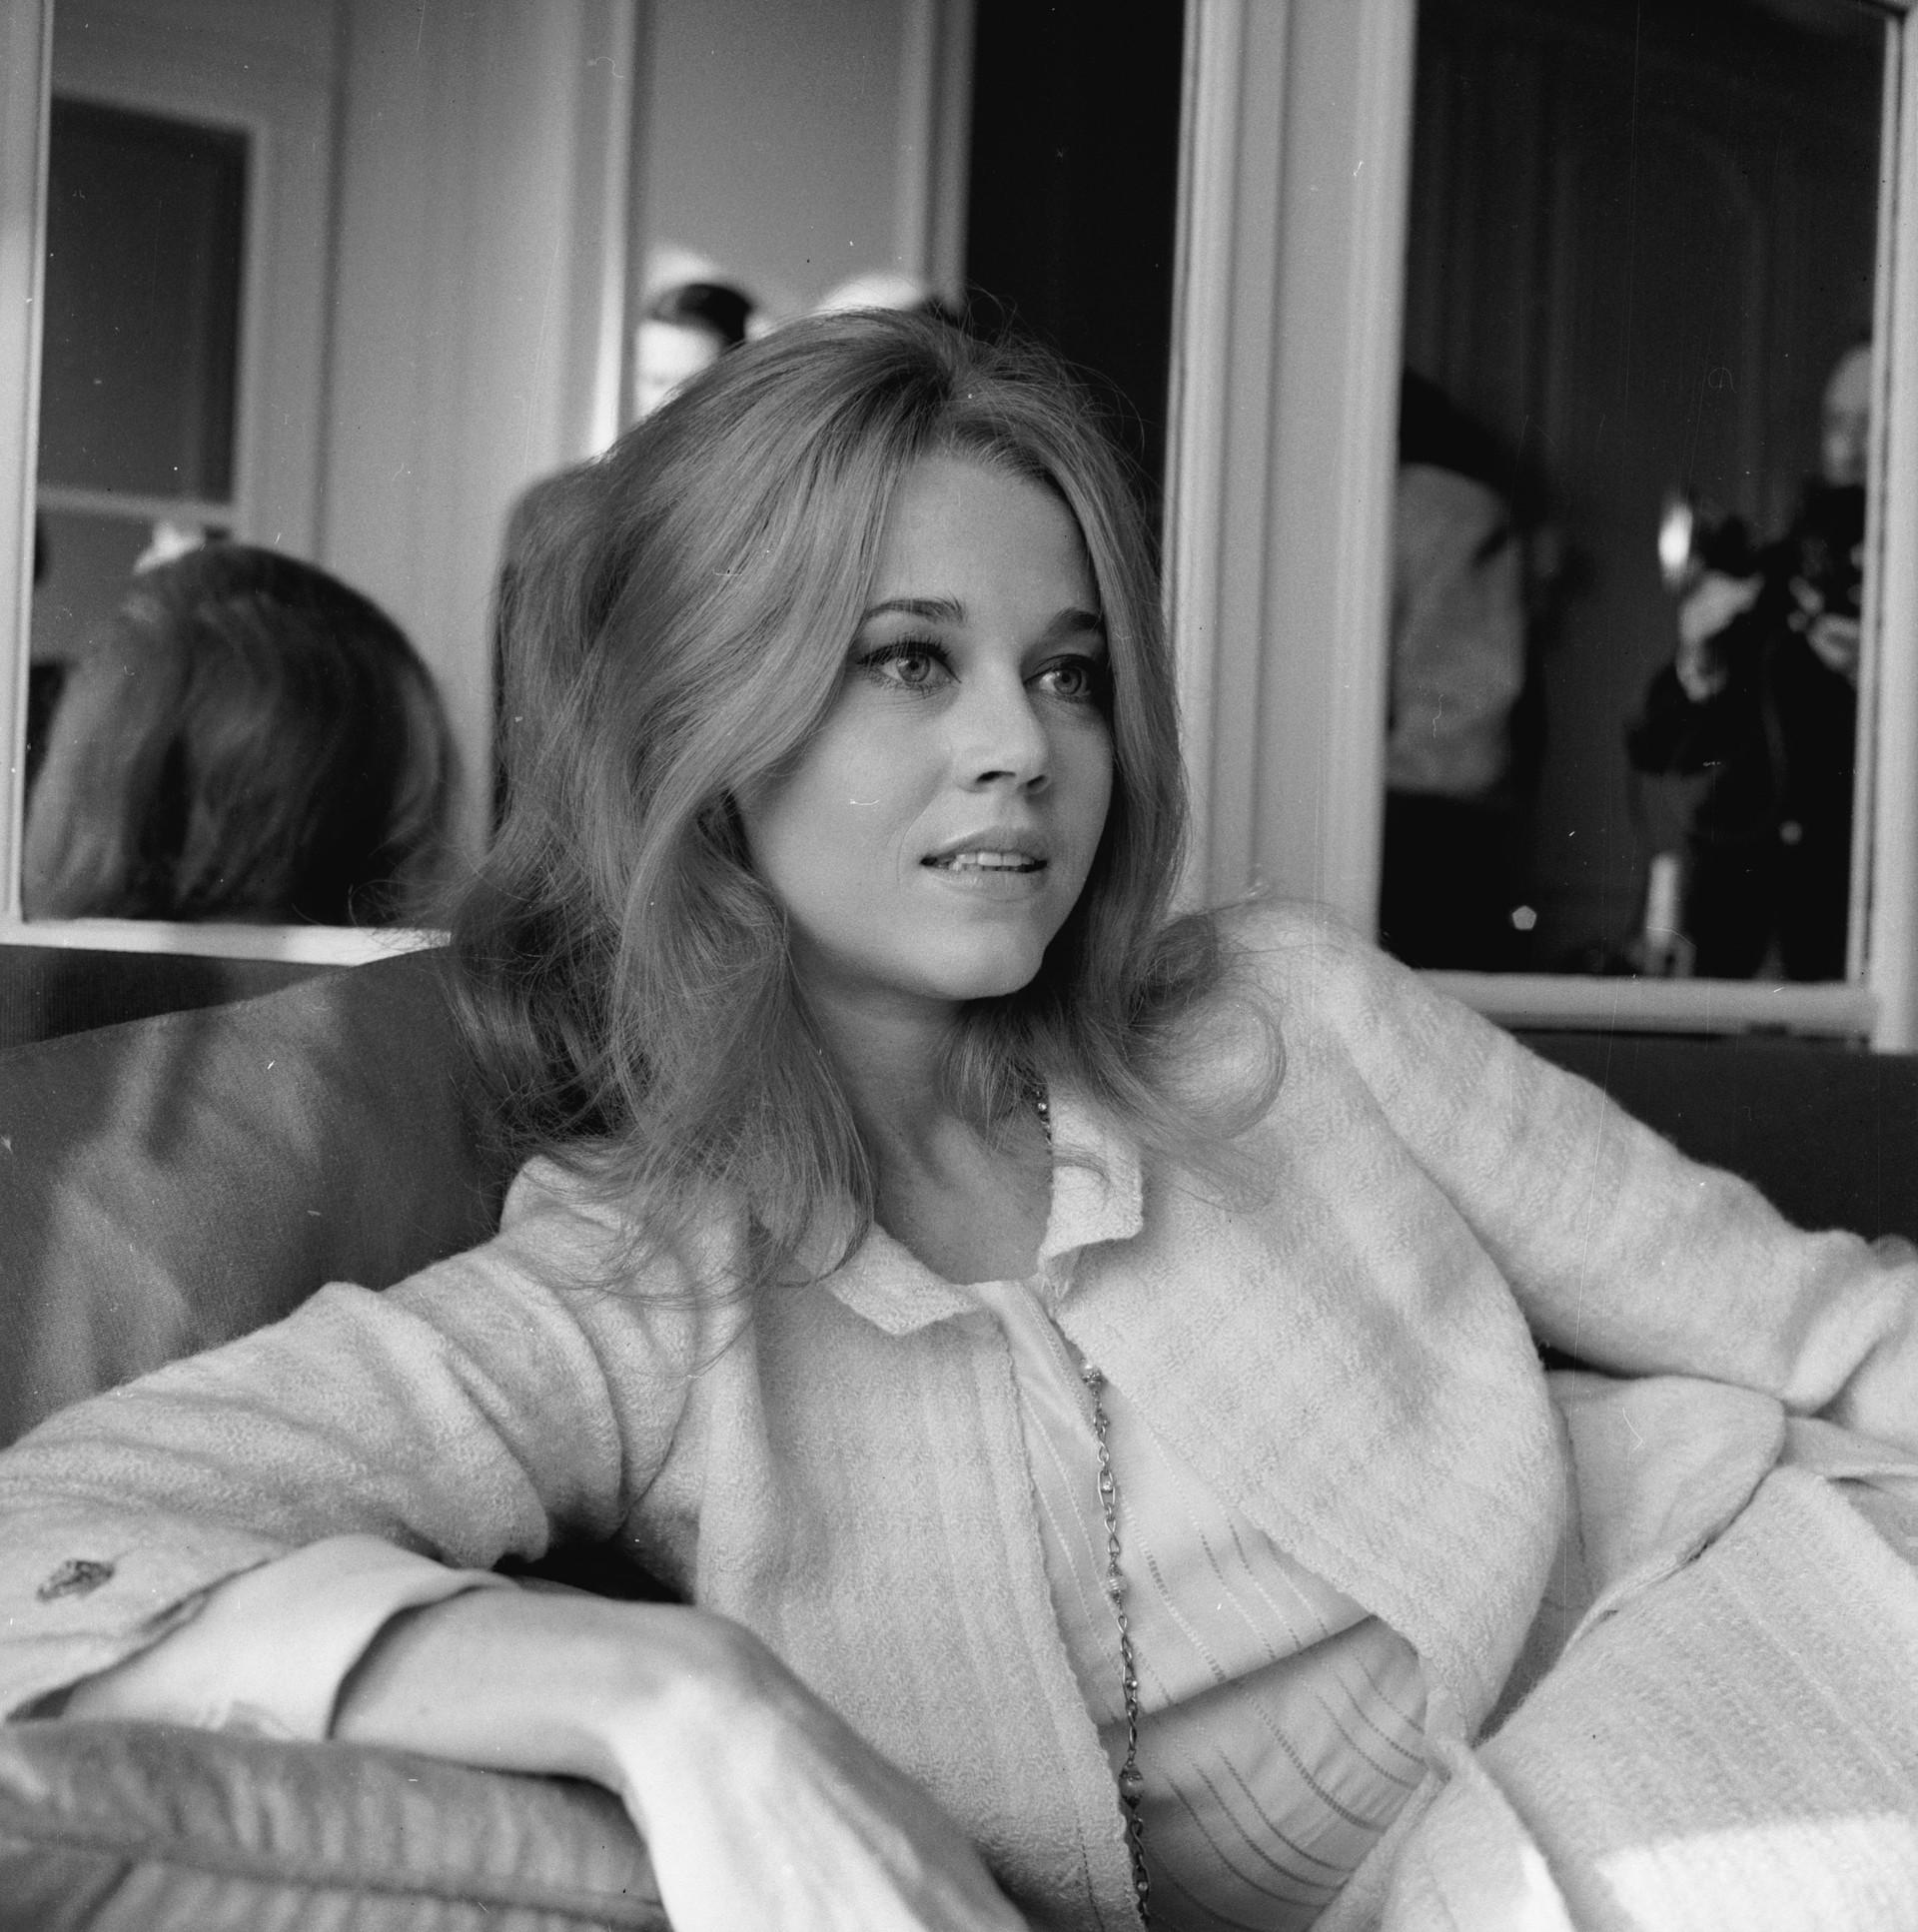 """A atriz venceu um câncer de mama e, posteriormente, escreveu em seu blog: """"Nós identificamos a doença cedo e foi, como eu disse, não invasiva. Quero agradecer meus amigos e fãs que me escreveram belíssimas cartas – elas significaram muito para mim"""". (Foto: Getty Images)"""